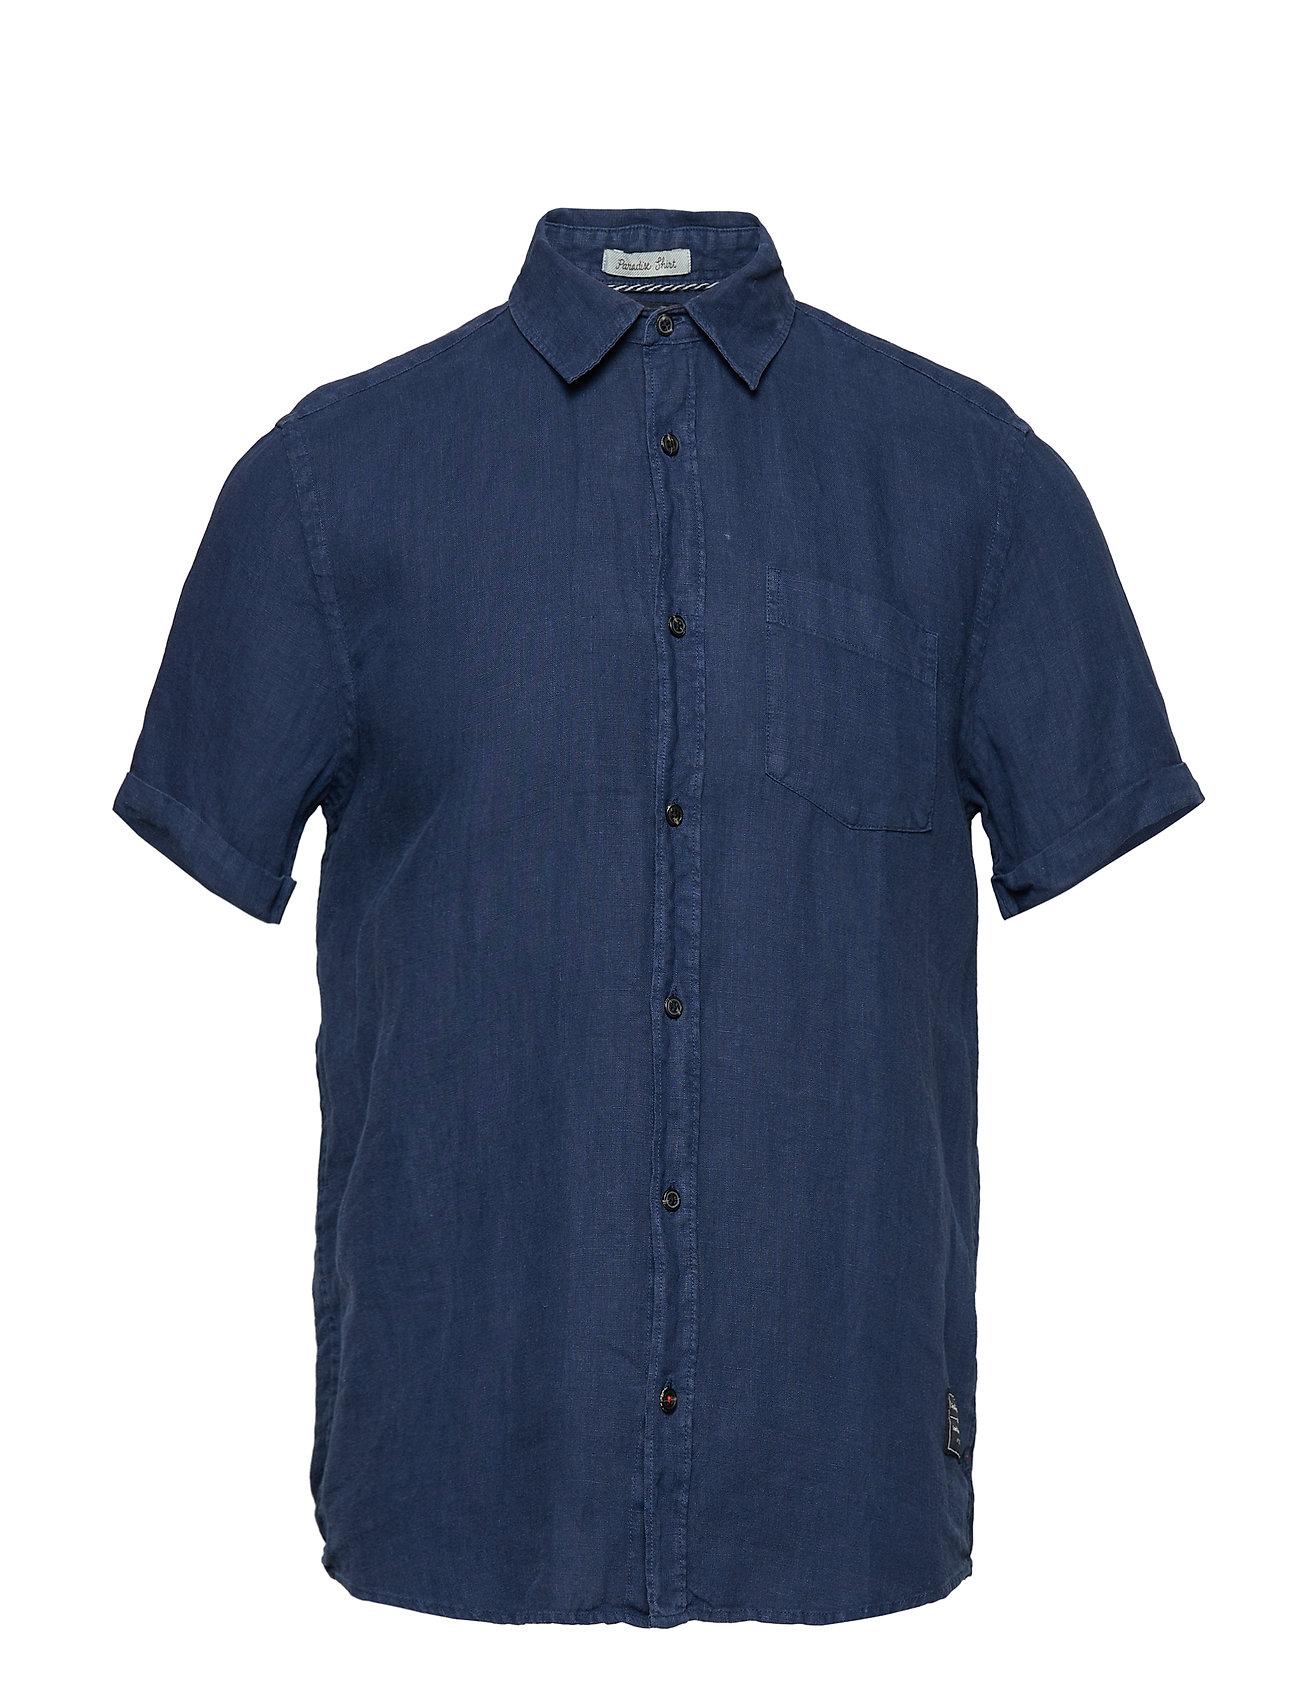 Scotch & Soda REGULAR FIT- Garment-dyed linen shortsleeve shirt - DENIM BLUE